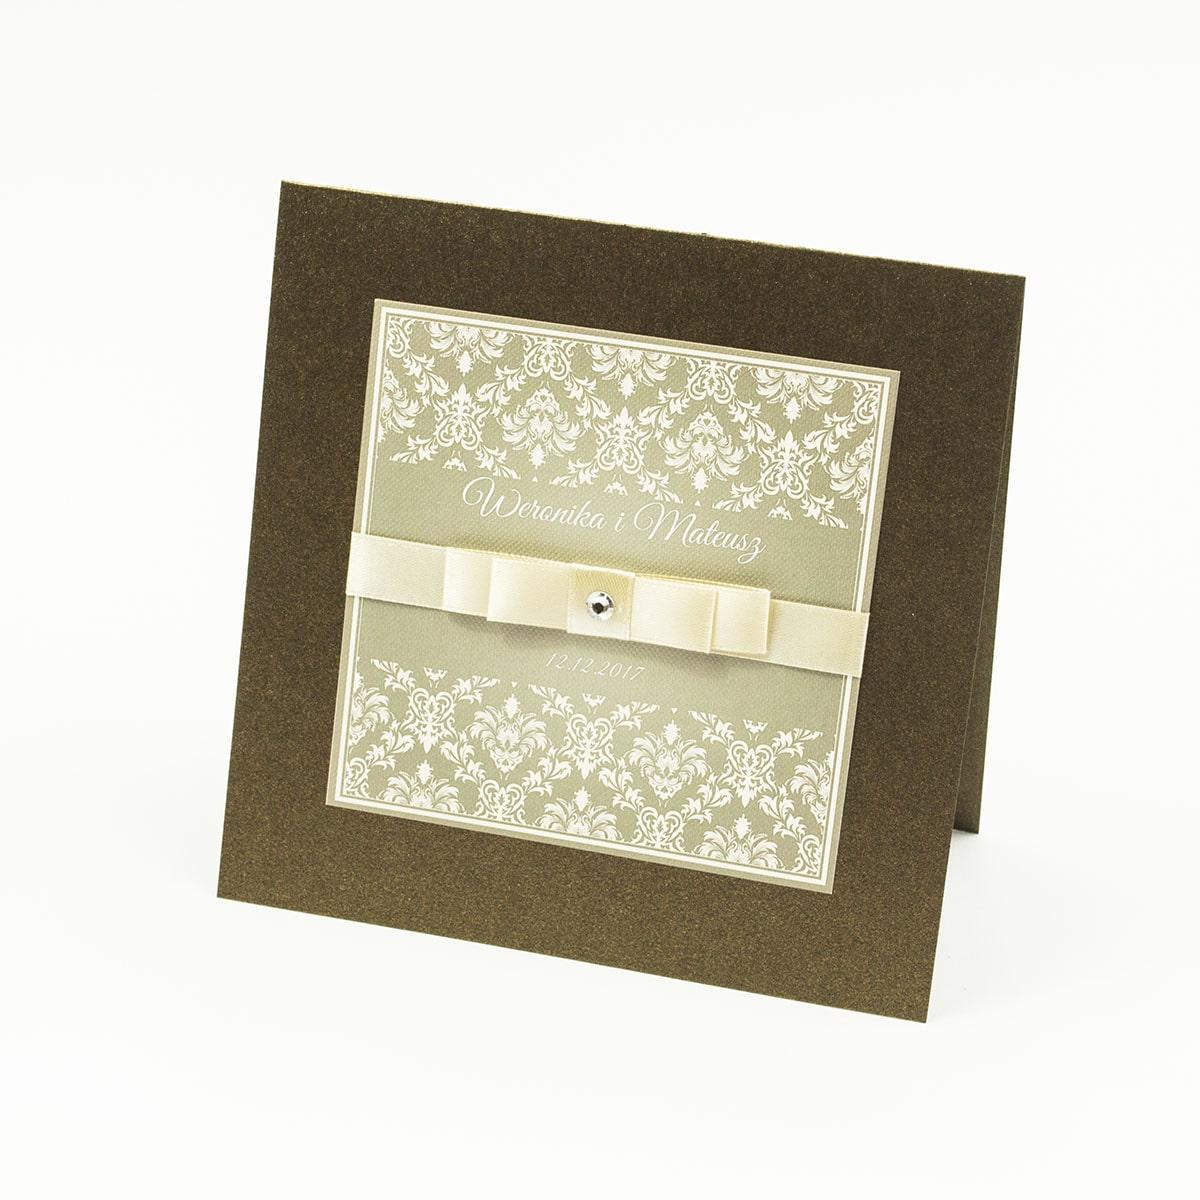 Bardzo eleganckie zaproszenia z brązowo-kremowym ornamentem barokowym, perłowym papierem, wklejanym wnętrzem, satynową wstążką oraz cyrkonią. ZAP-25-81